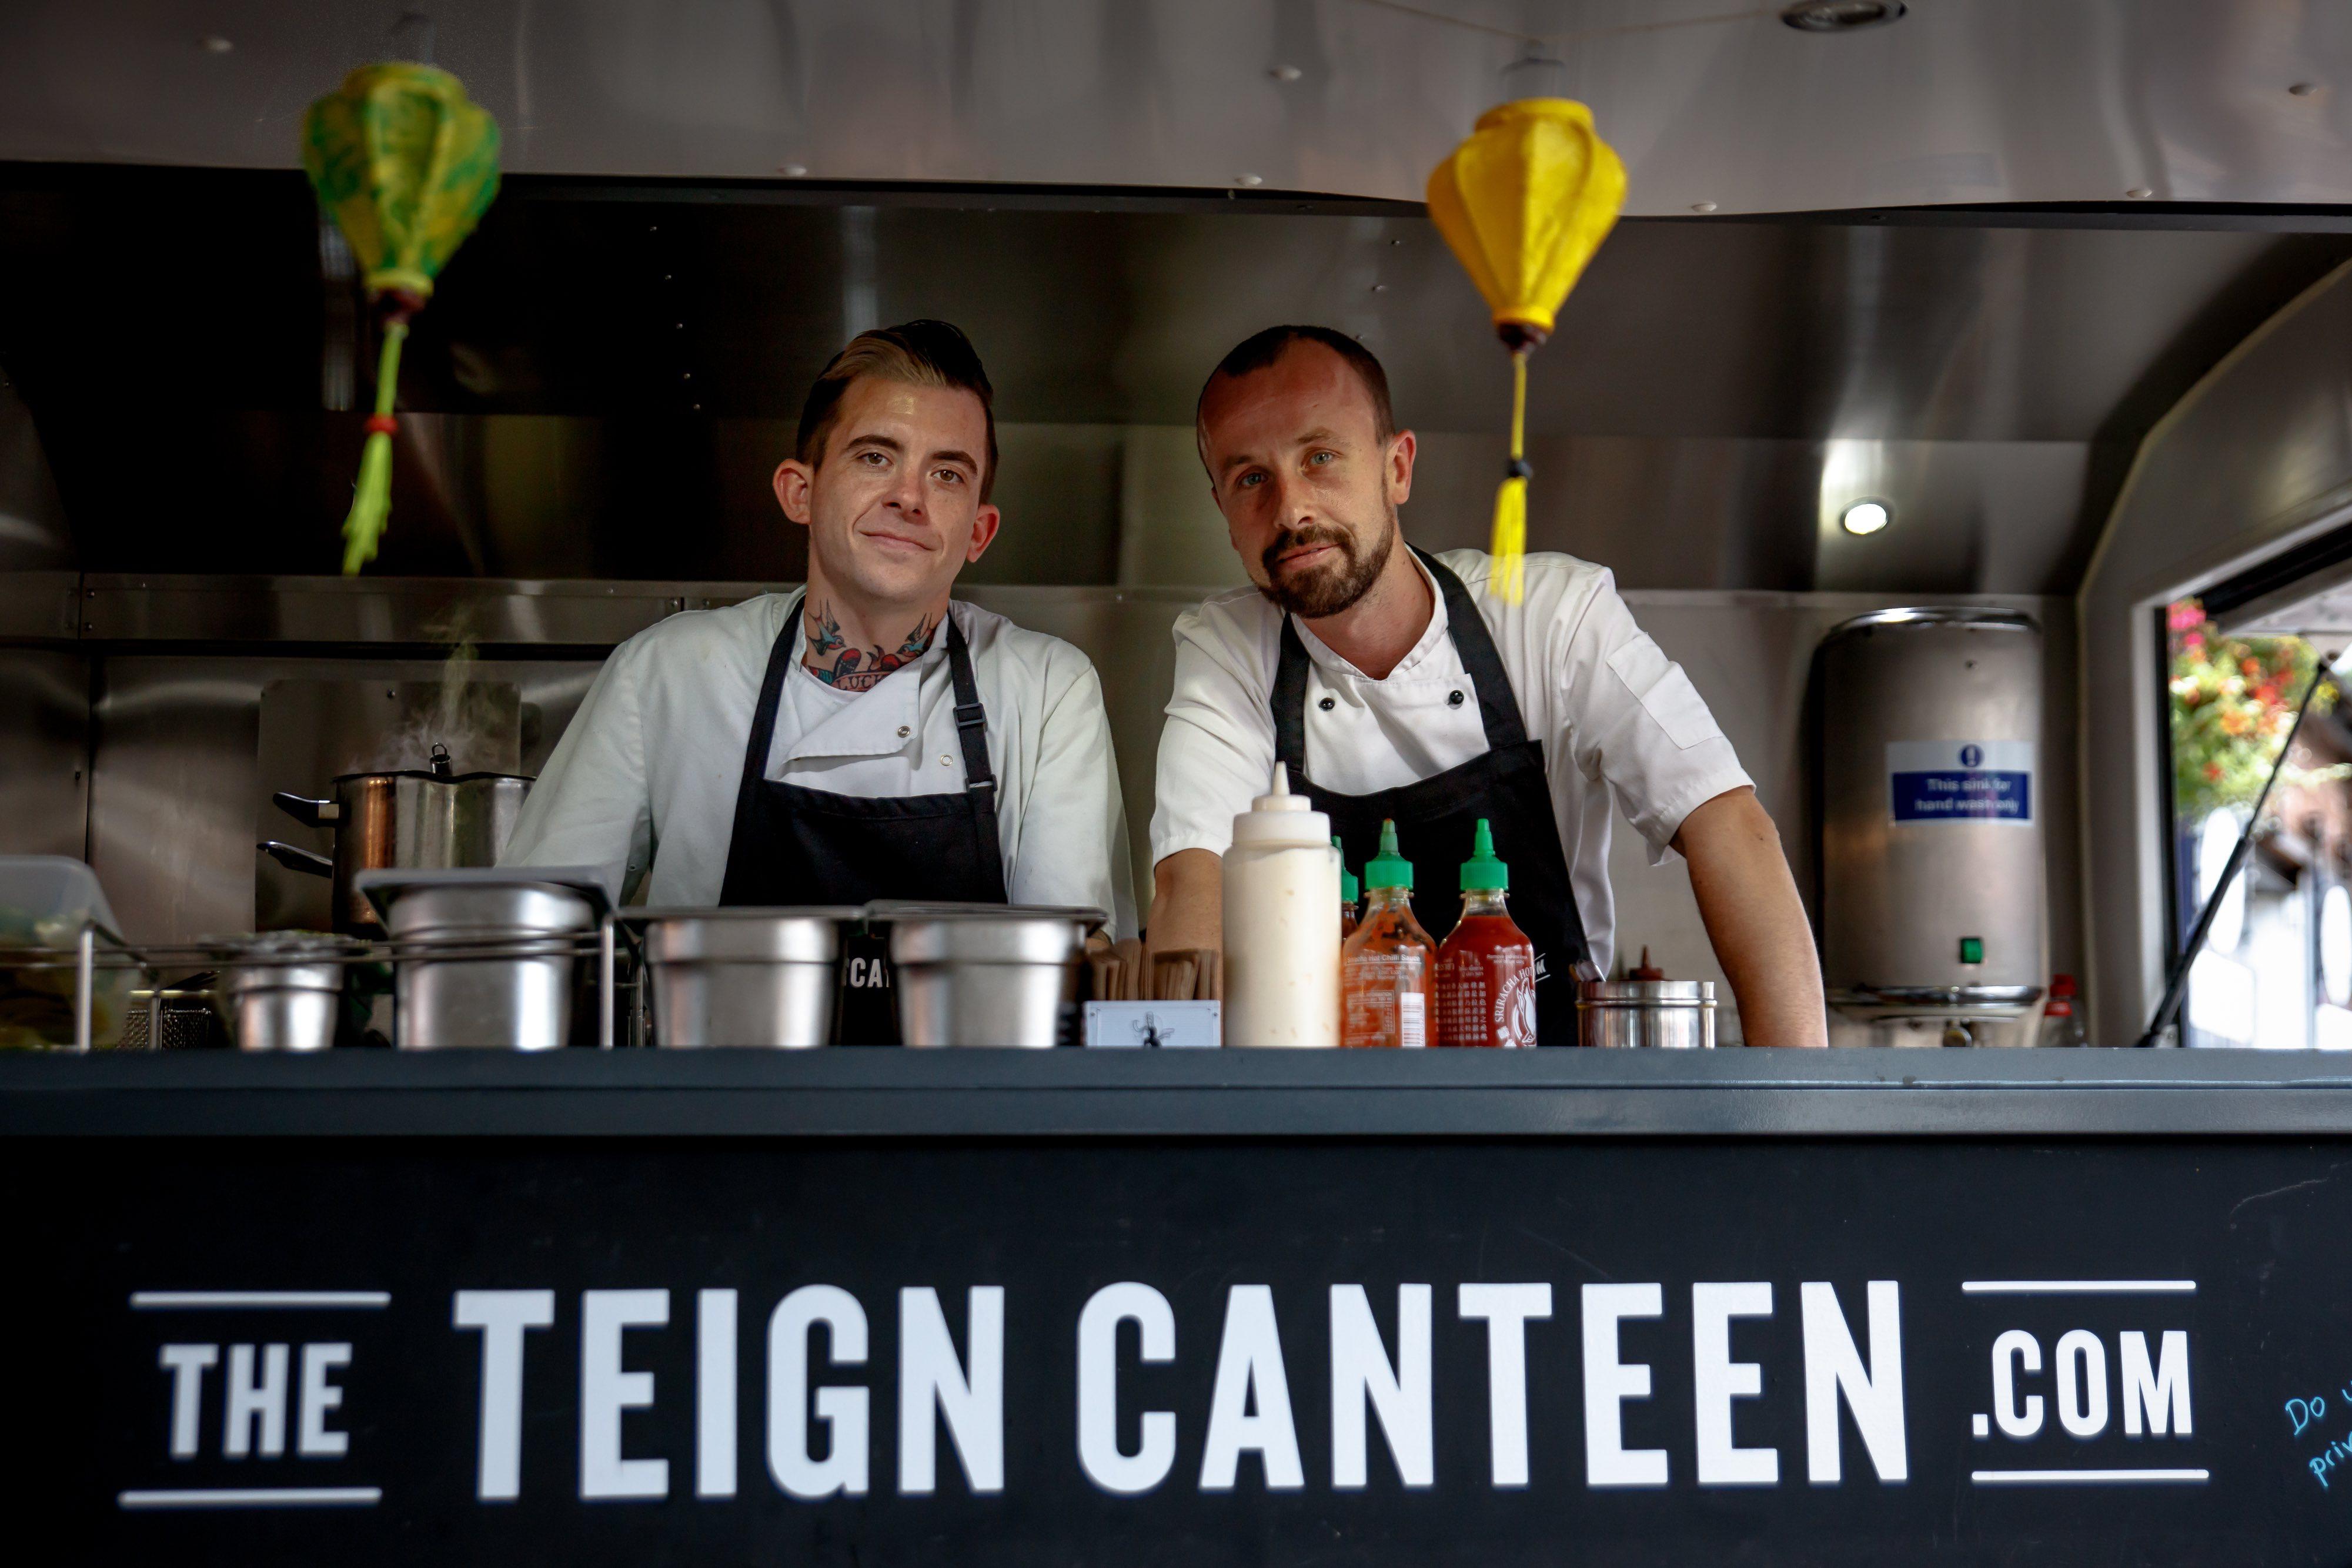 Teign Canteen copy